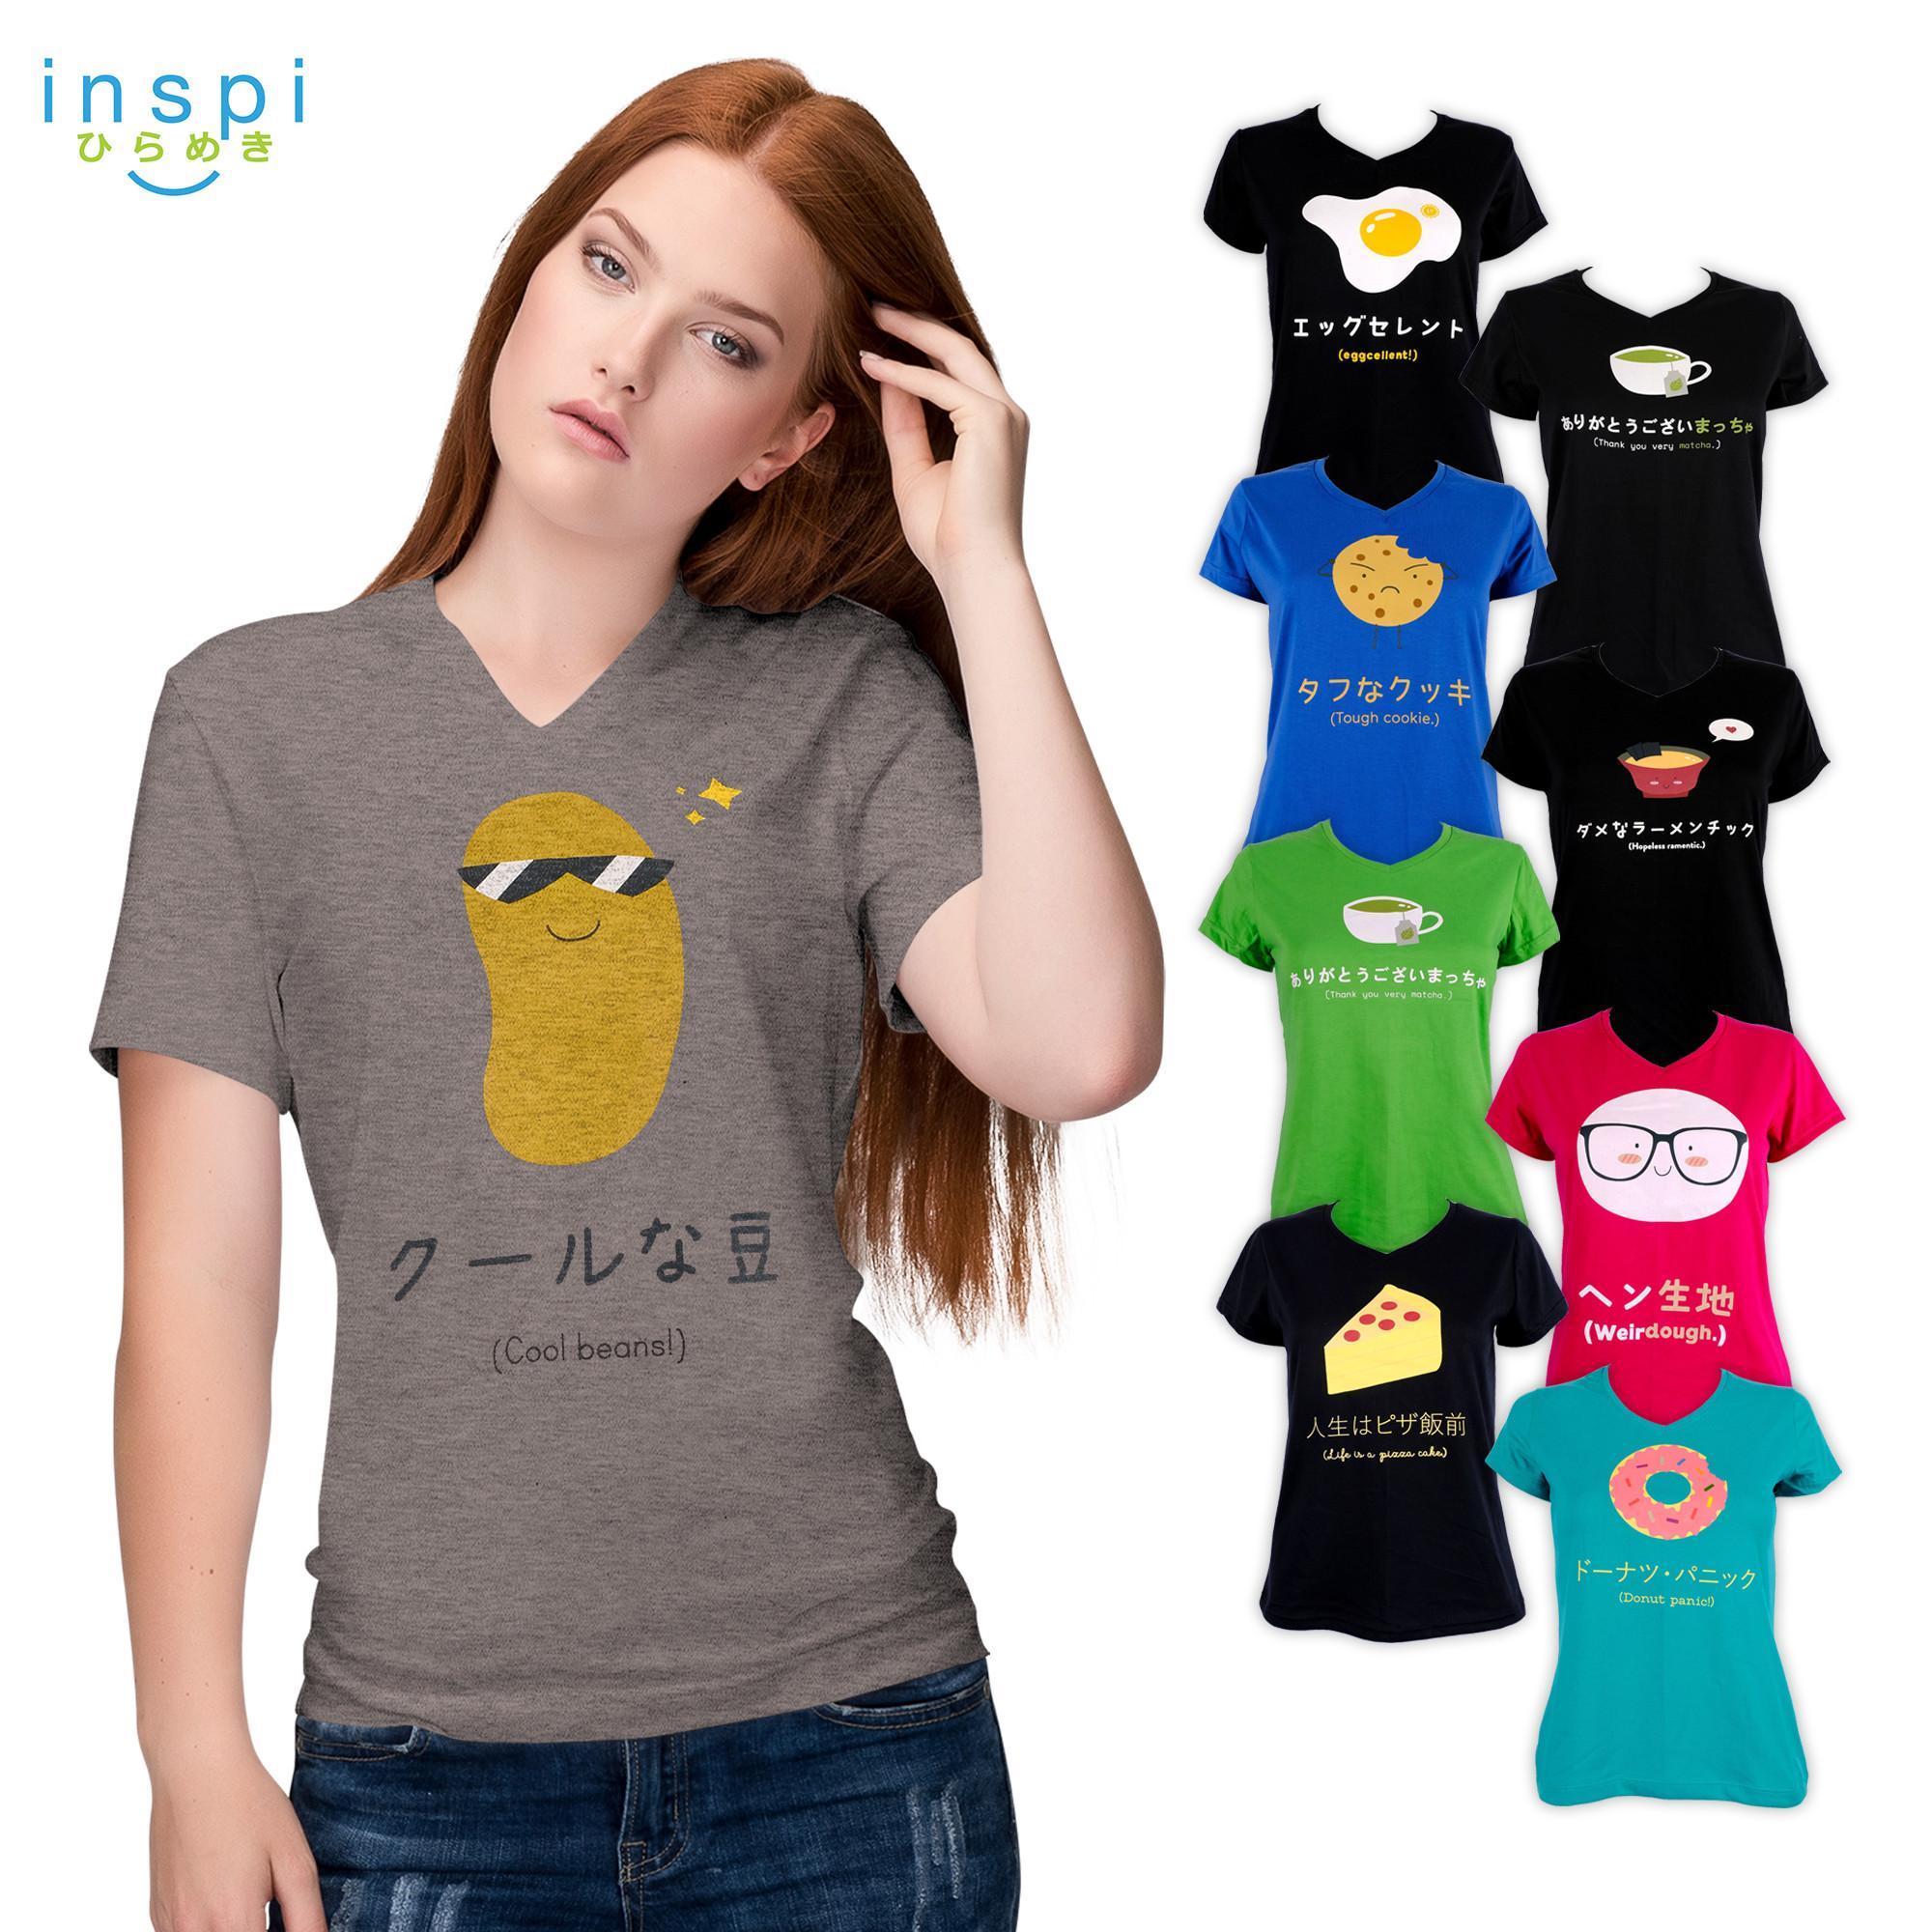 e6c710572cb99 INSPI Tees Ladies Food Pun Collection tshirt printed graphic tee Ladies t  shirt shirts women tshirts